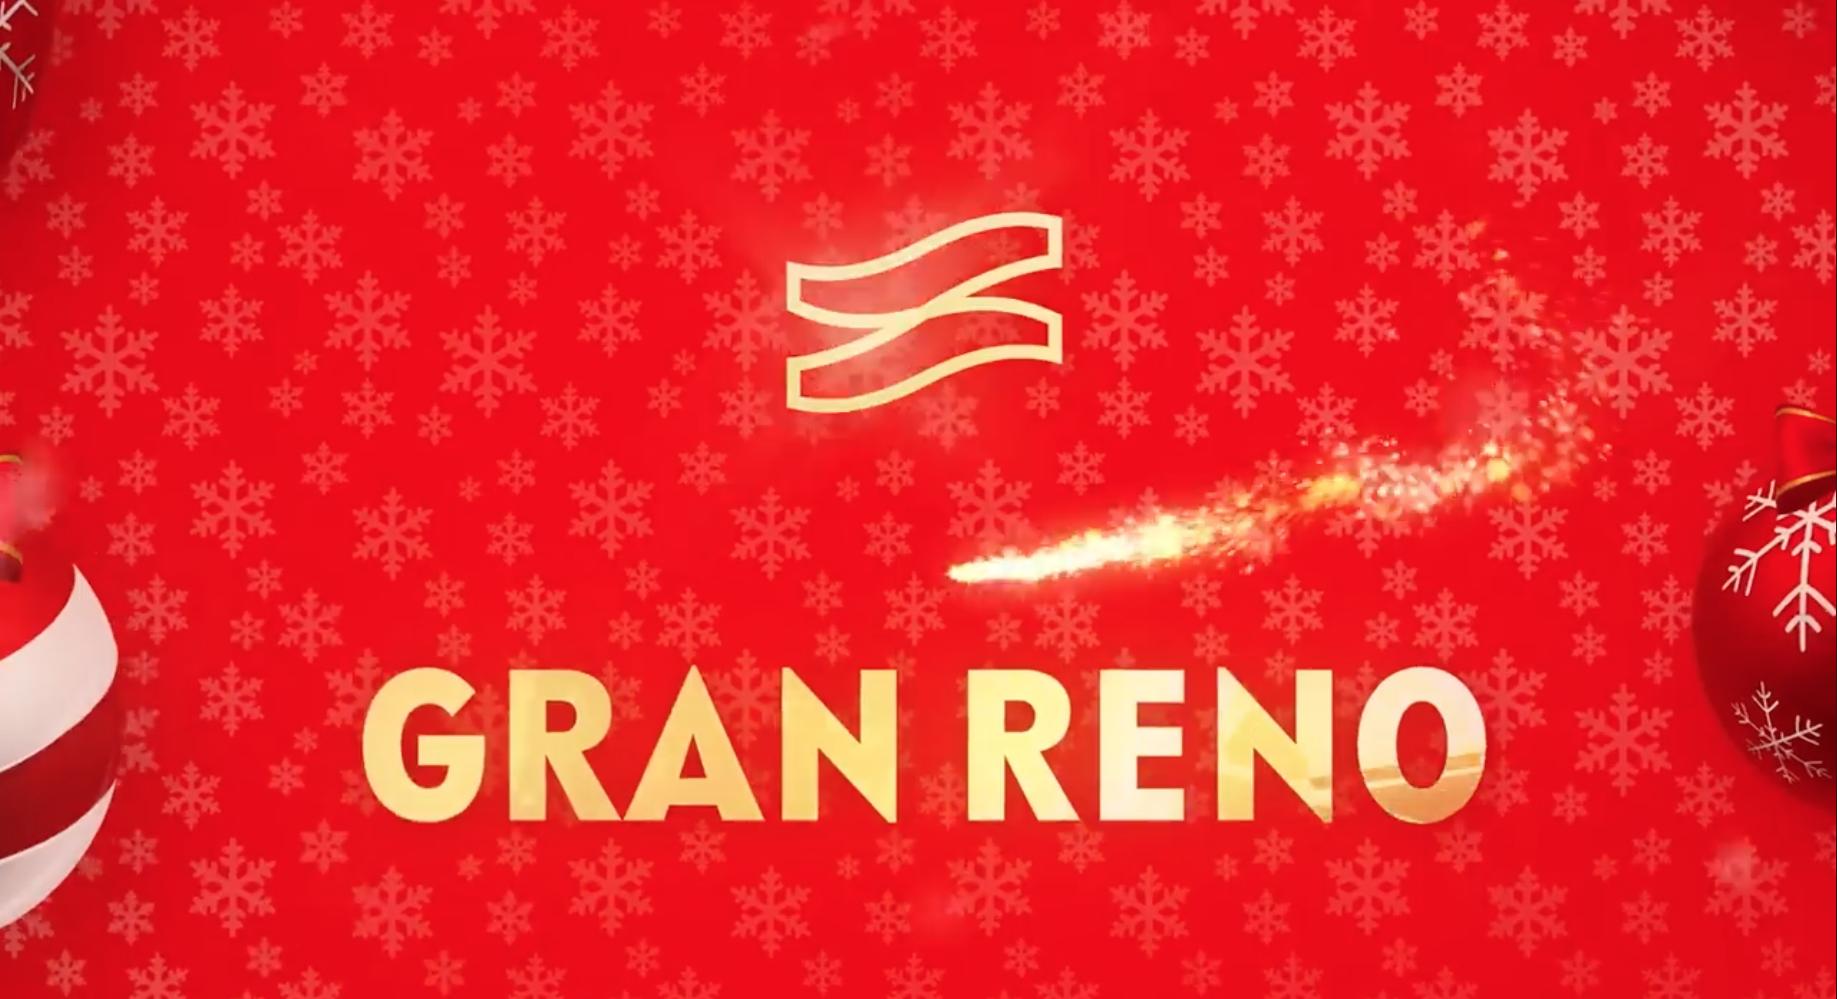 Gran Reno (Buon Natale 2017)